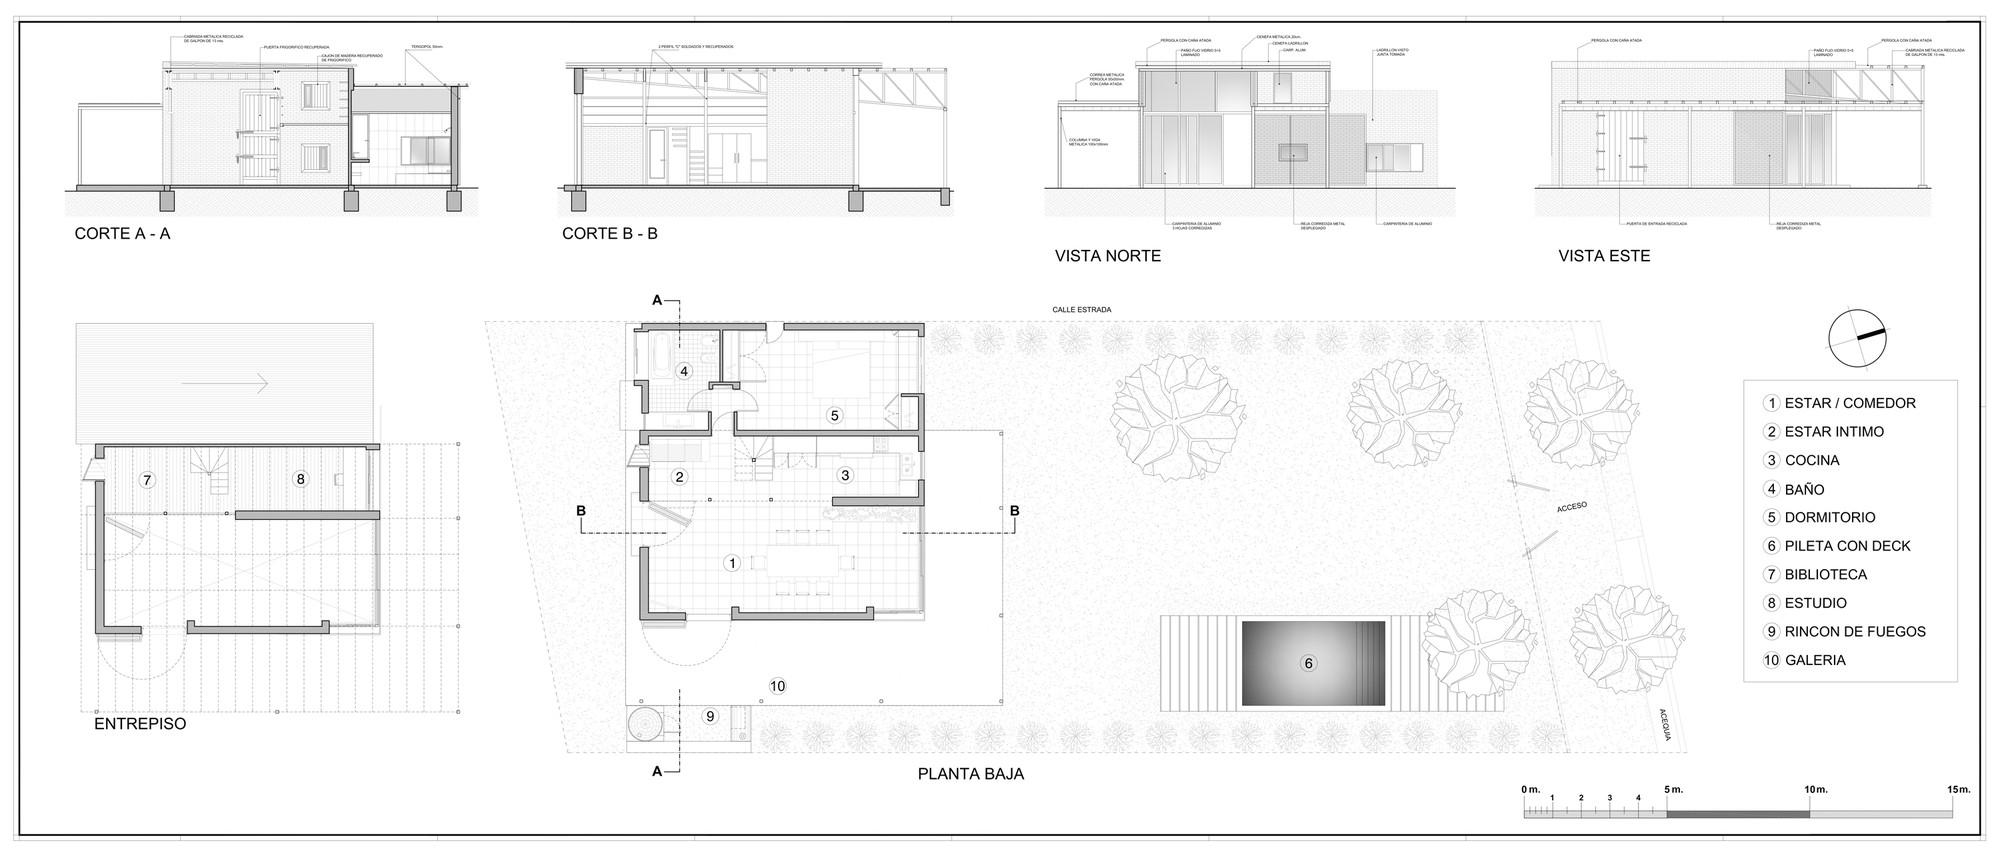 Casa paulita diego kotlik plataforma arquitectura - Planimetria casa ...